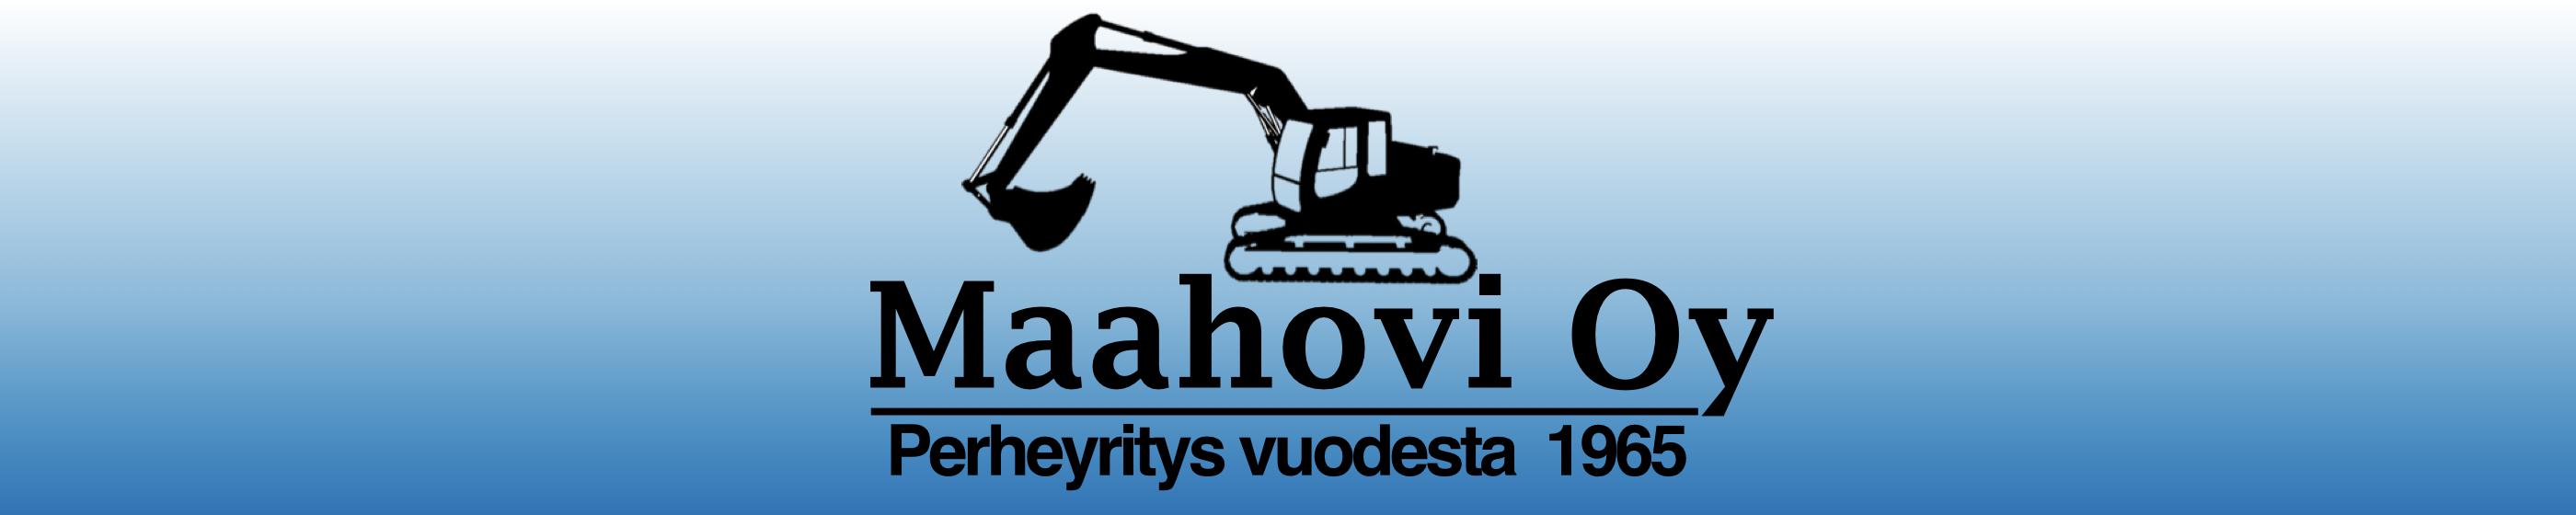 Maahovi Oy